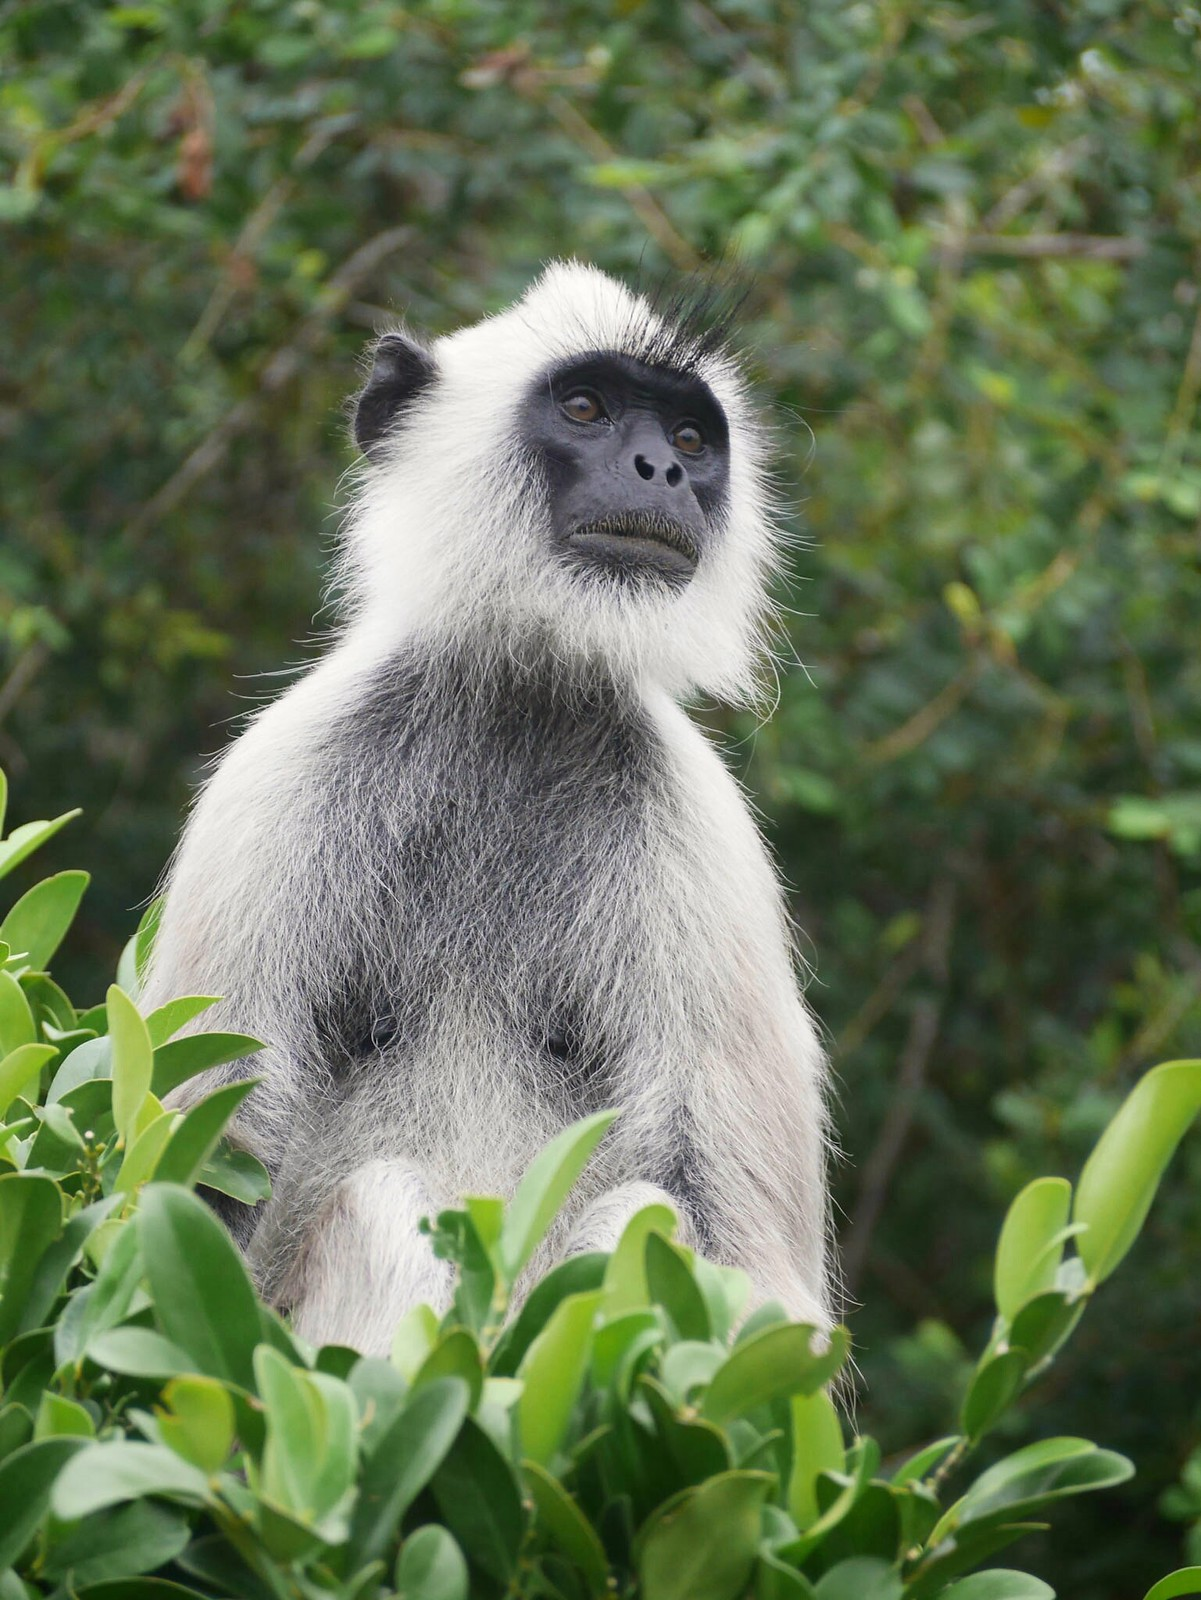 Curious (Bundala National Park, Sri Lanka)